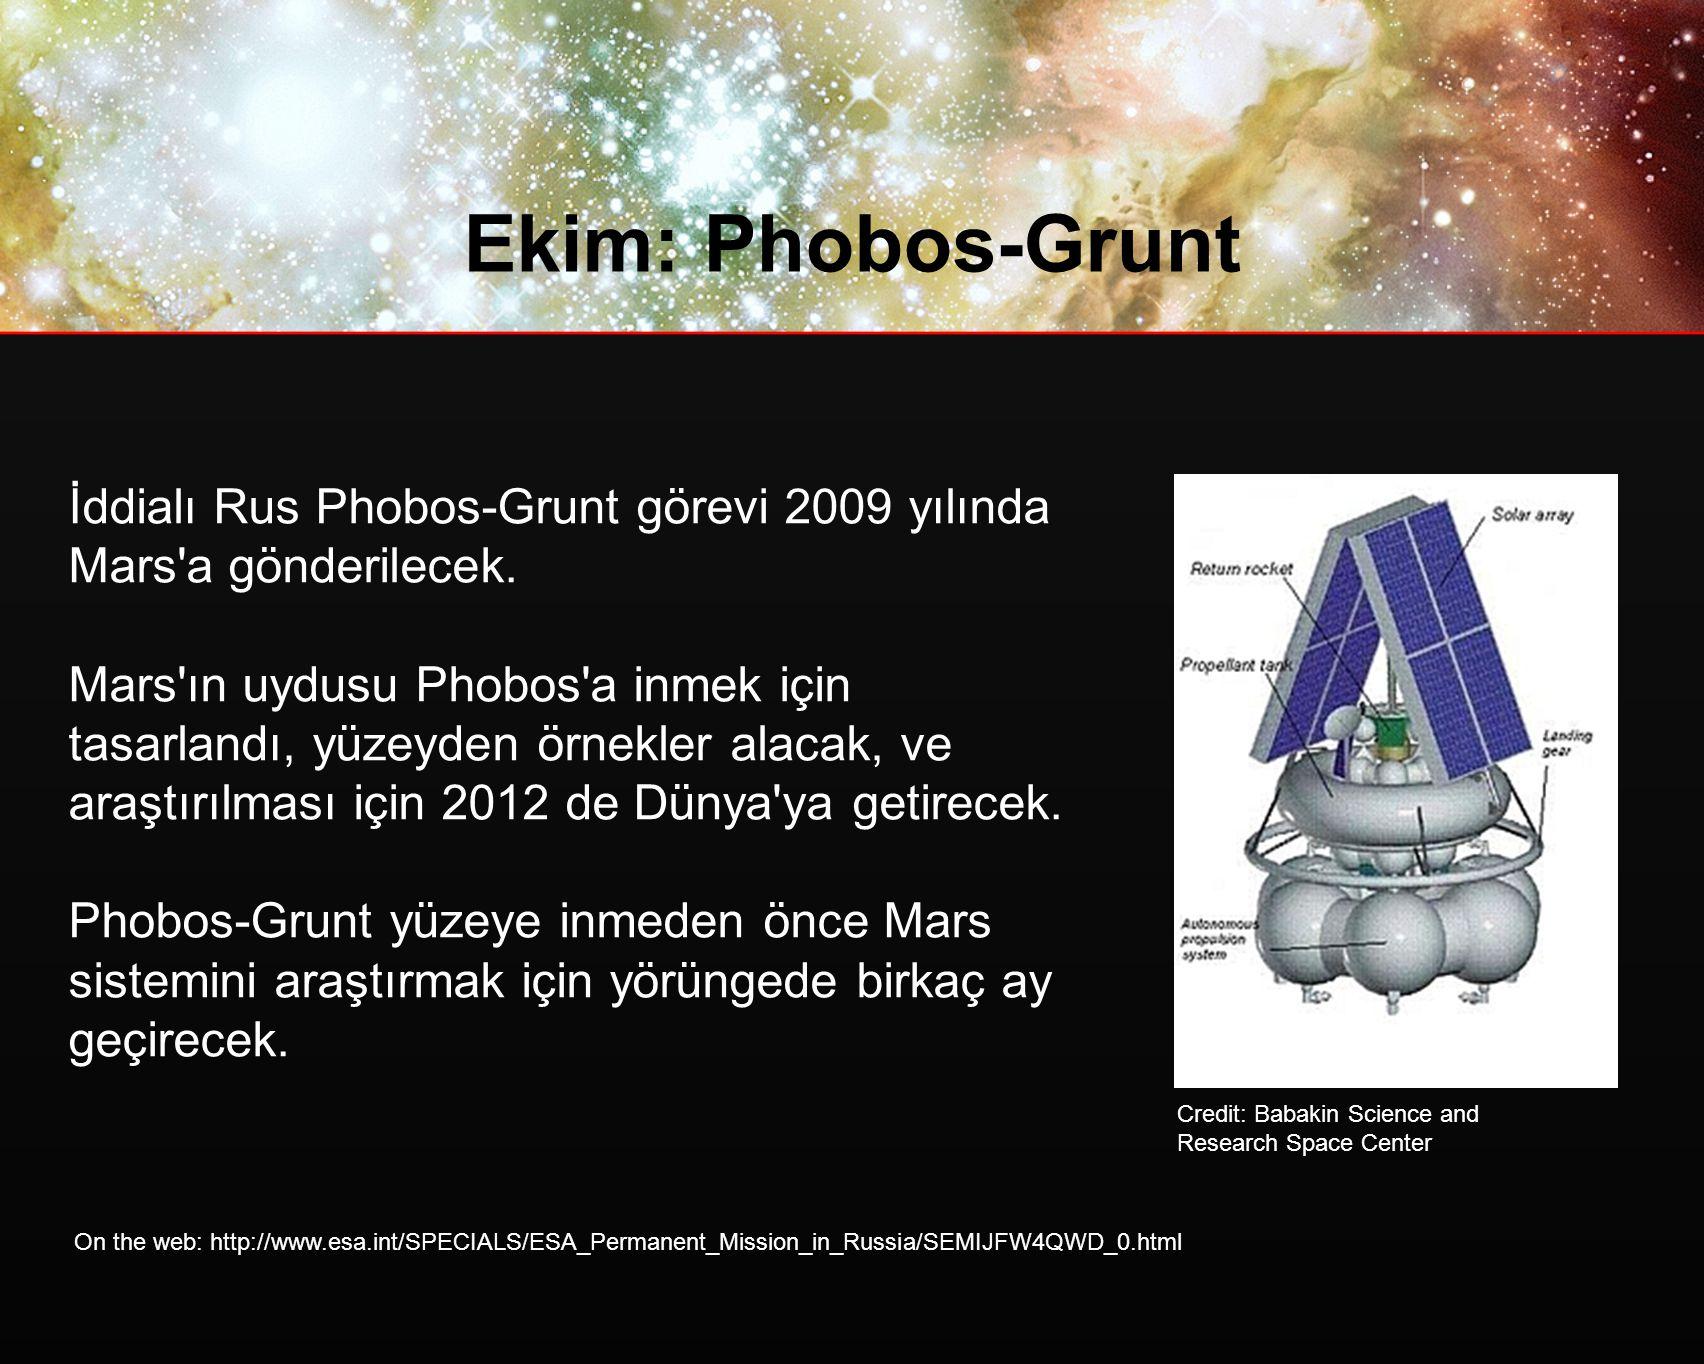 Ekim: Phobos-Grunt İddialı Rus Phobos-Grunt görevi 2009 yılında Mars a gönderilecek.